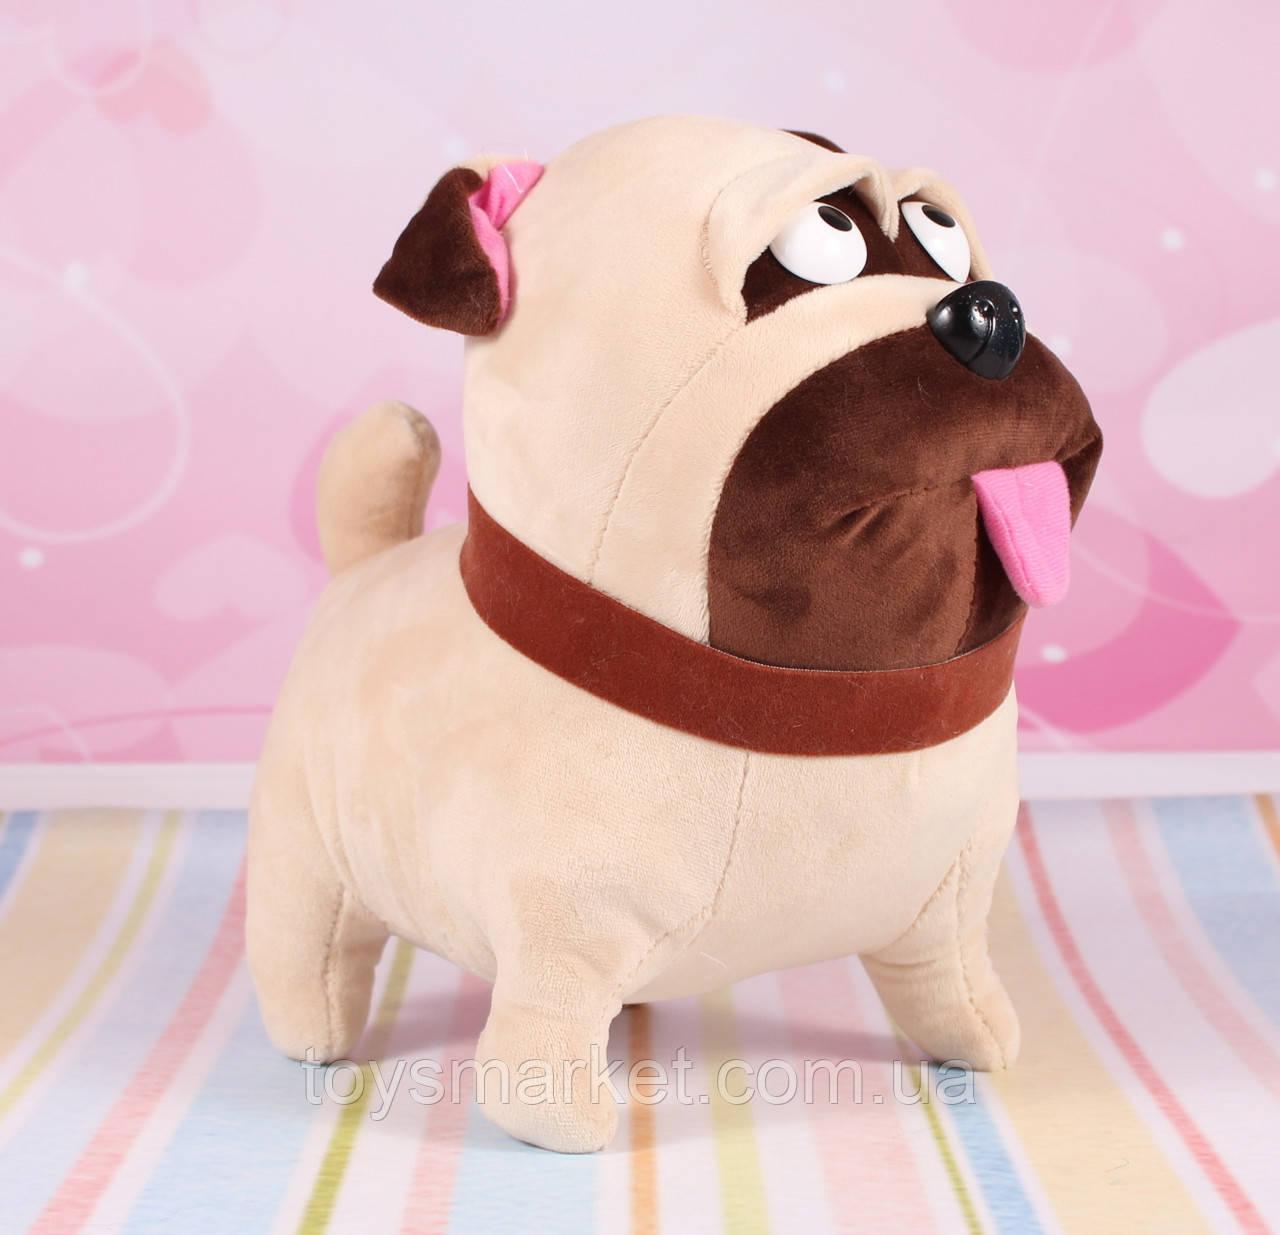 """Мягкая игрушка мопс Мэл, """"Тайная жизнь домашних животных"""", 25 см."""